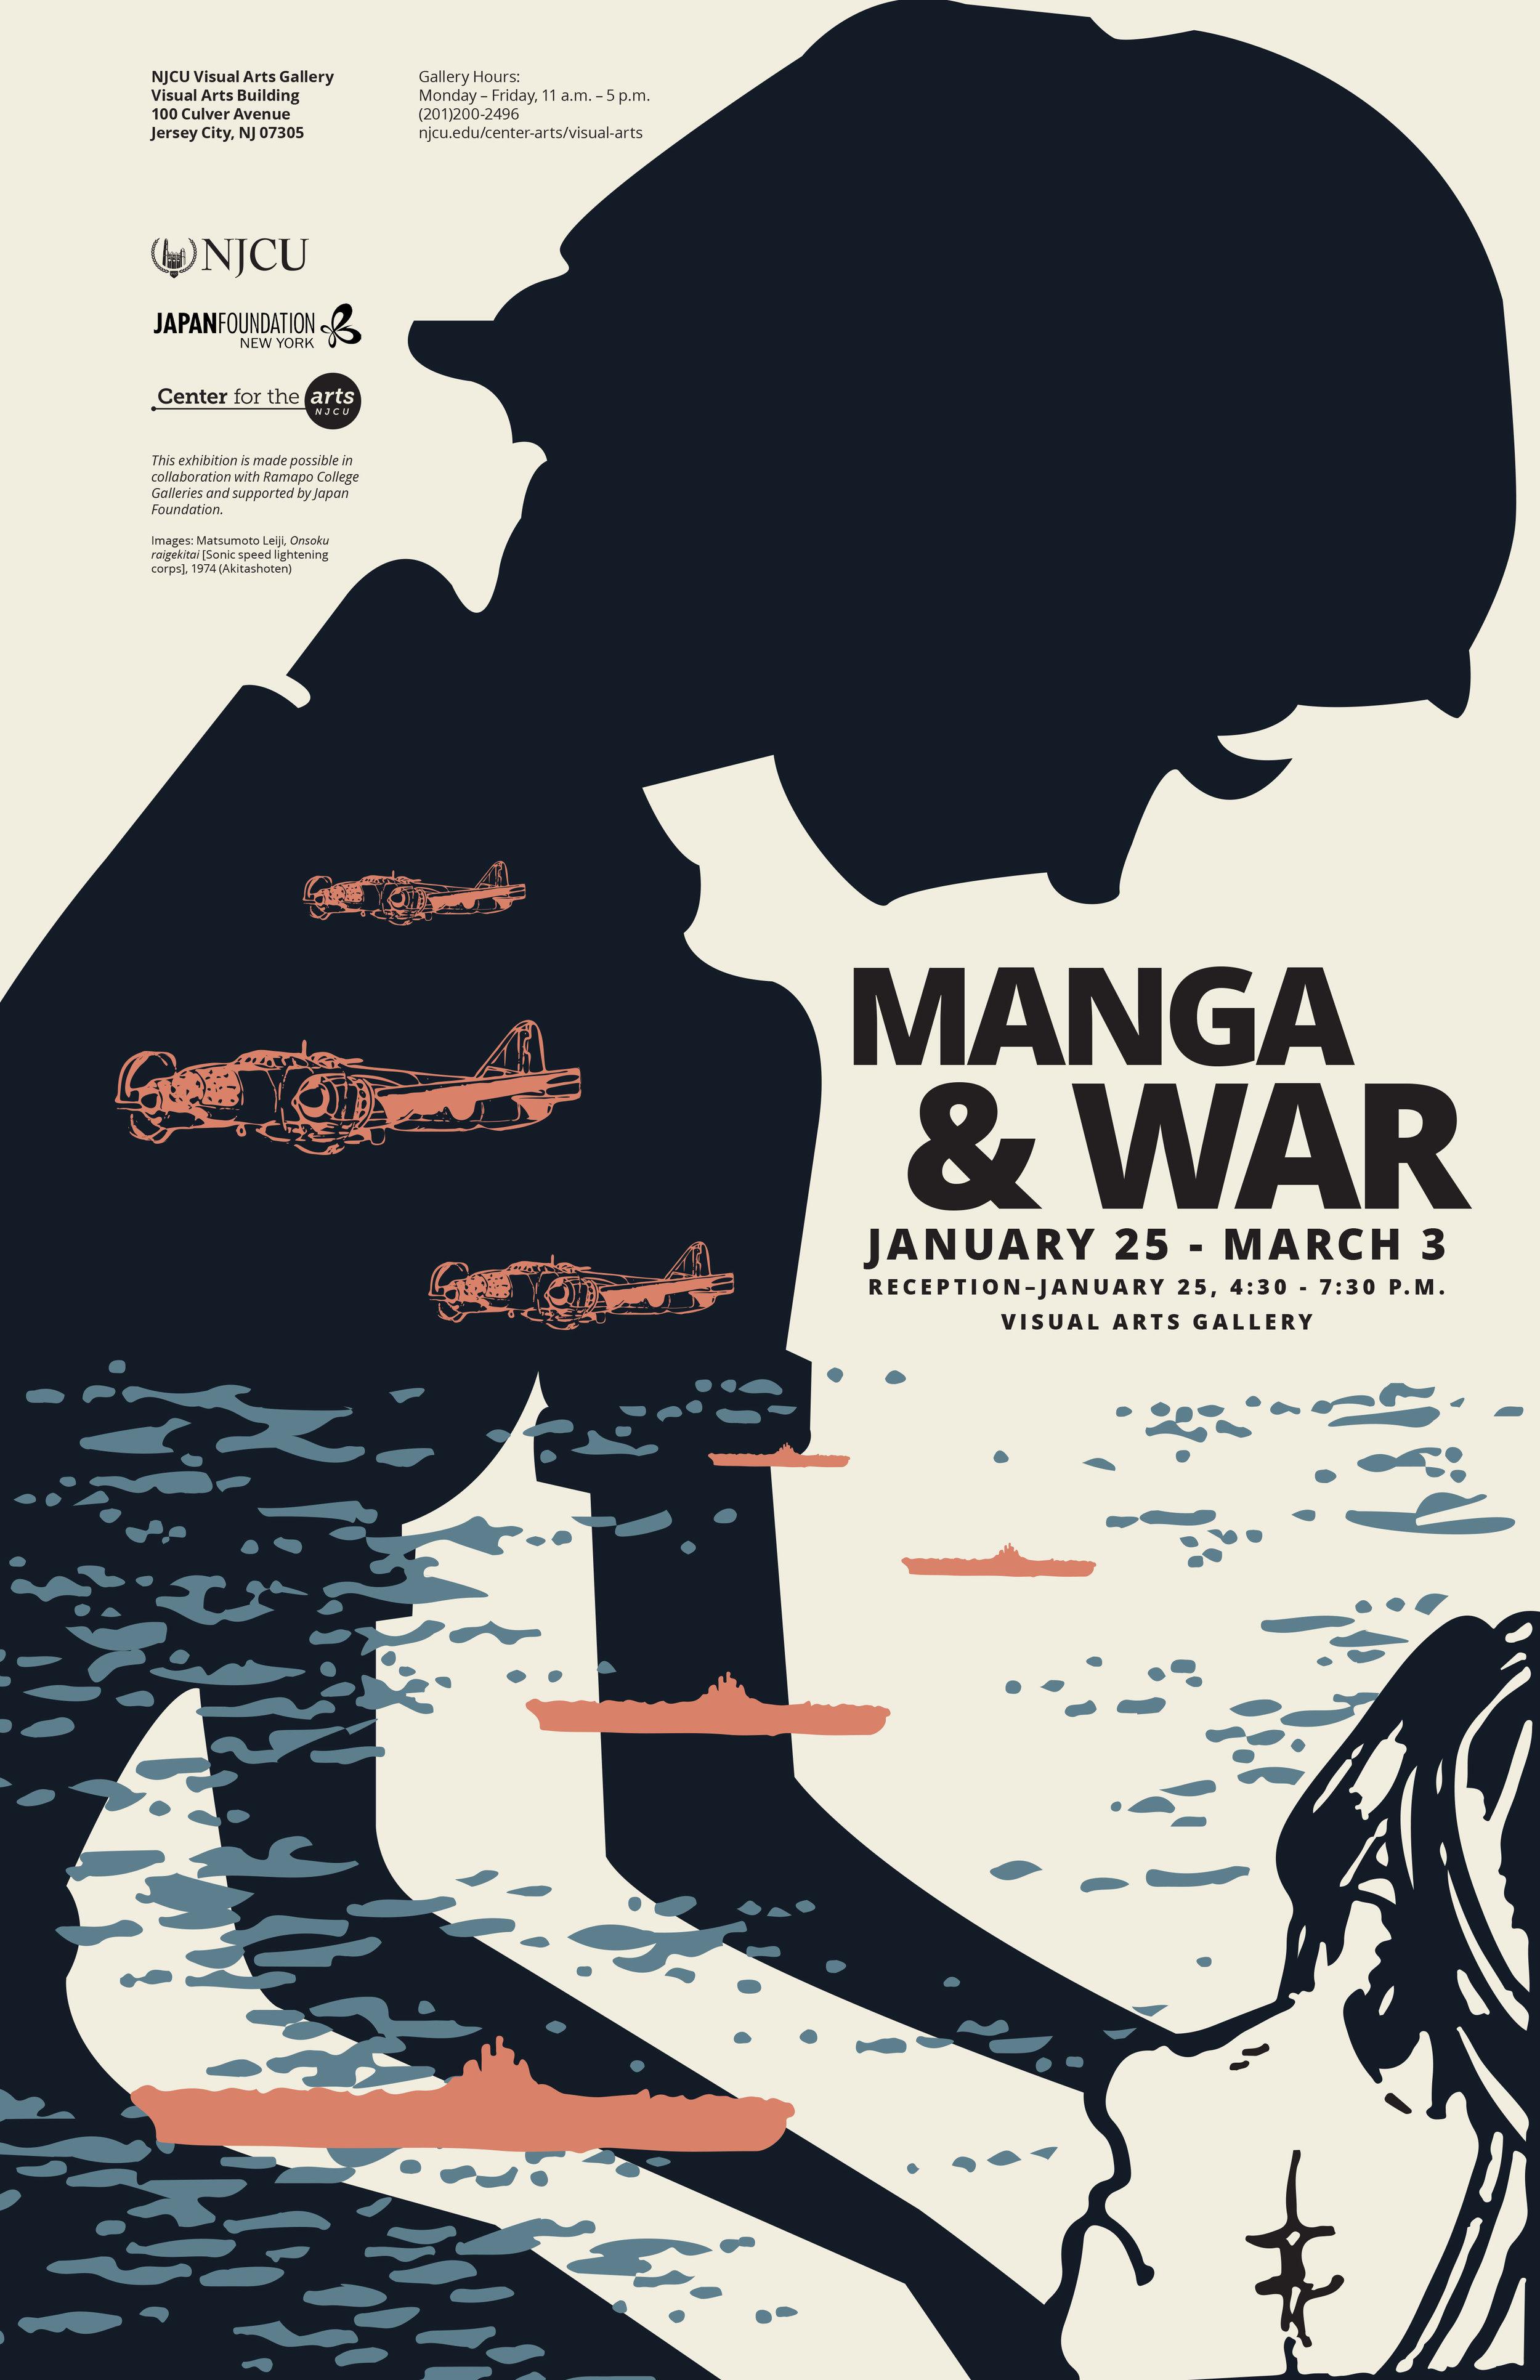 MangaWar_Poster_V4.jpg